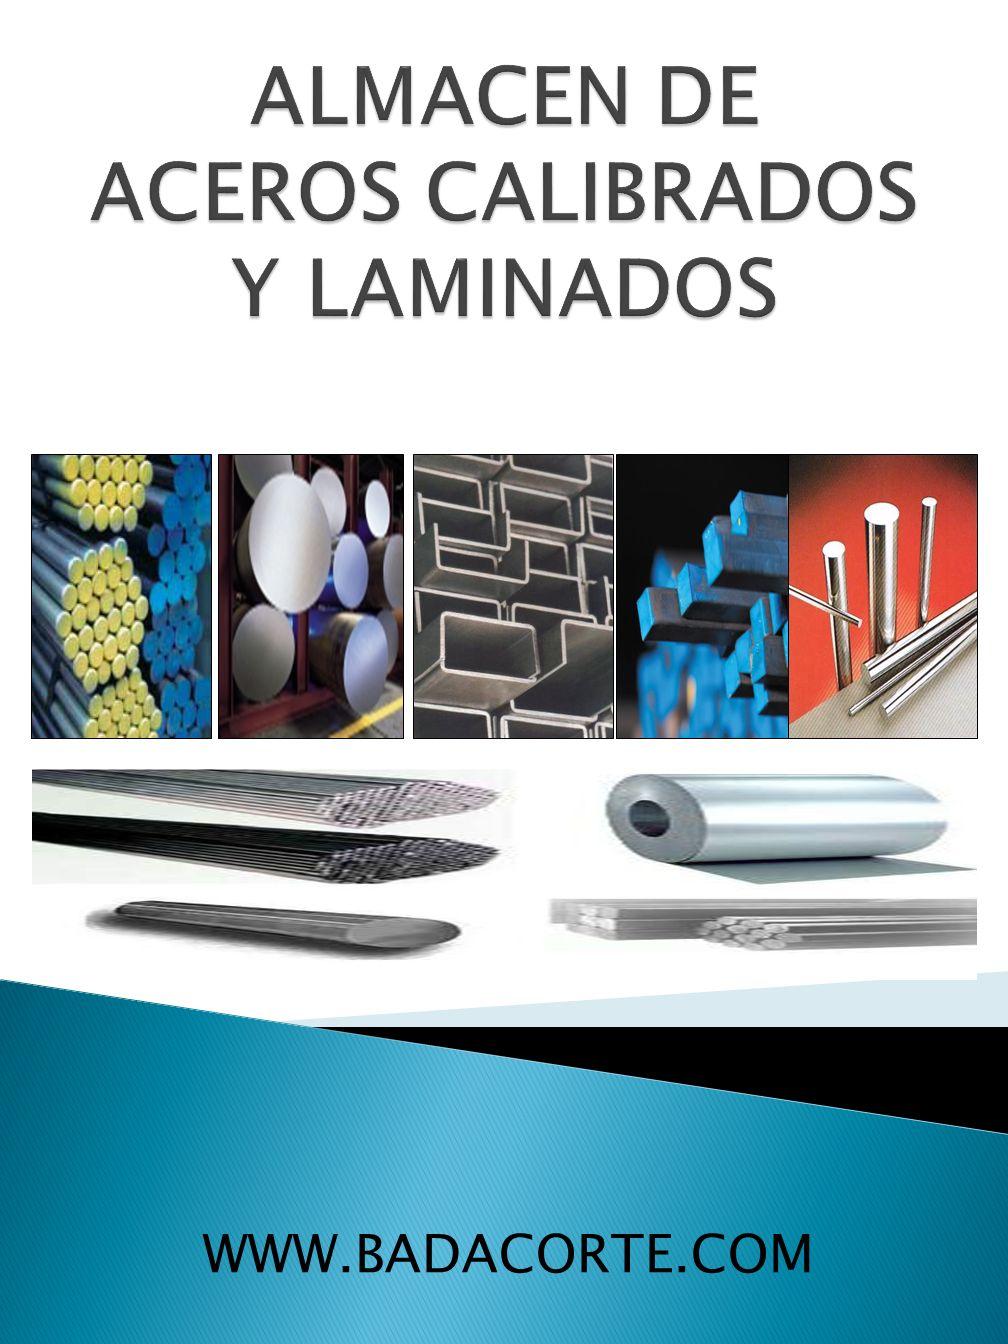 ALMACEN DE ACEROS CALIBRADOS Y LAMINADOS